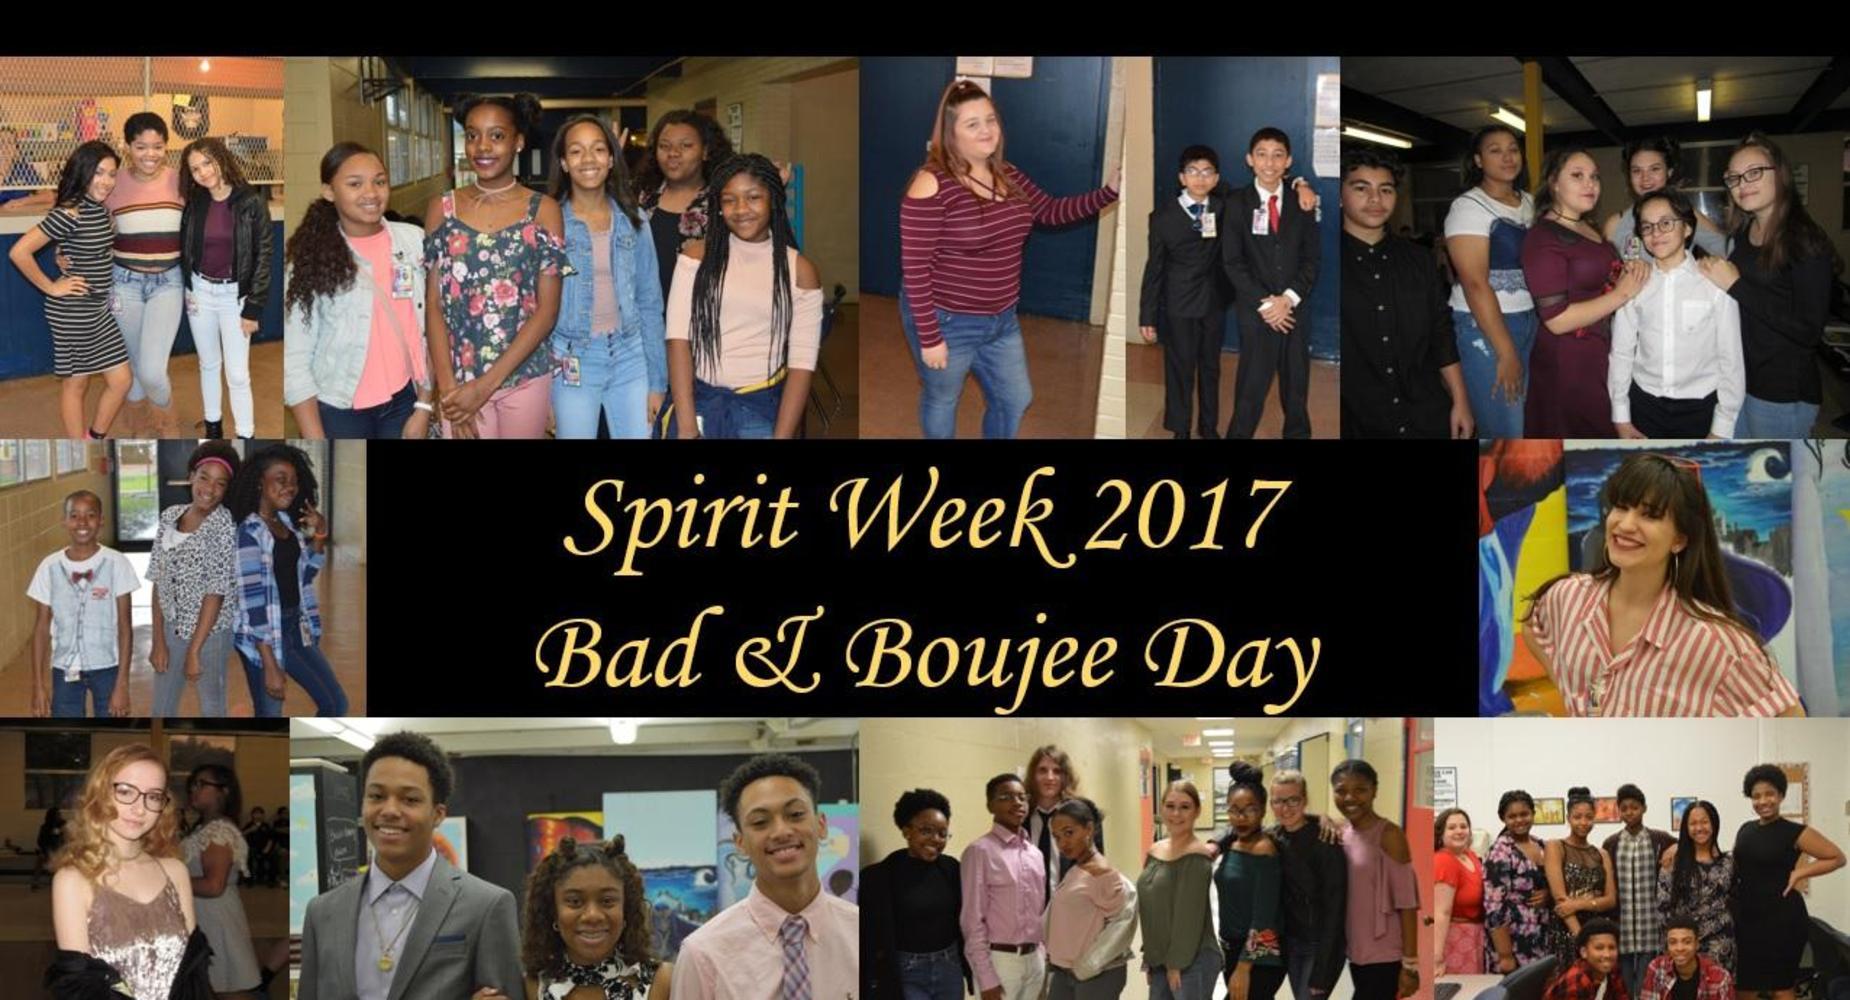 Spirit Week - Bad & Boujee